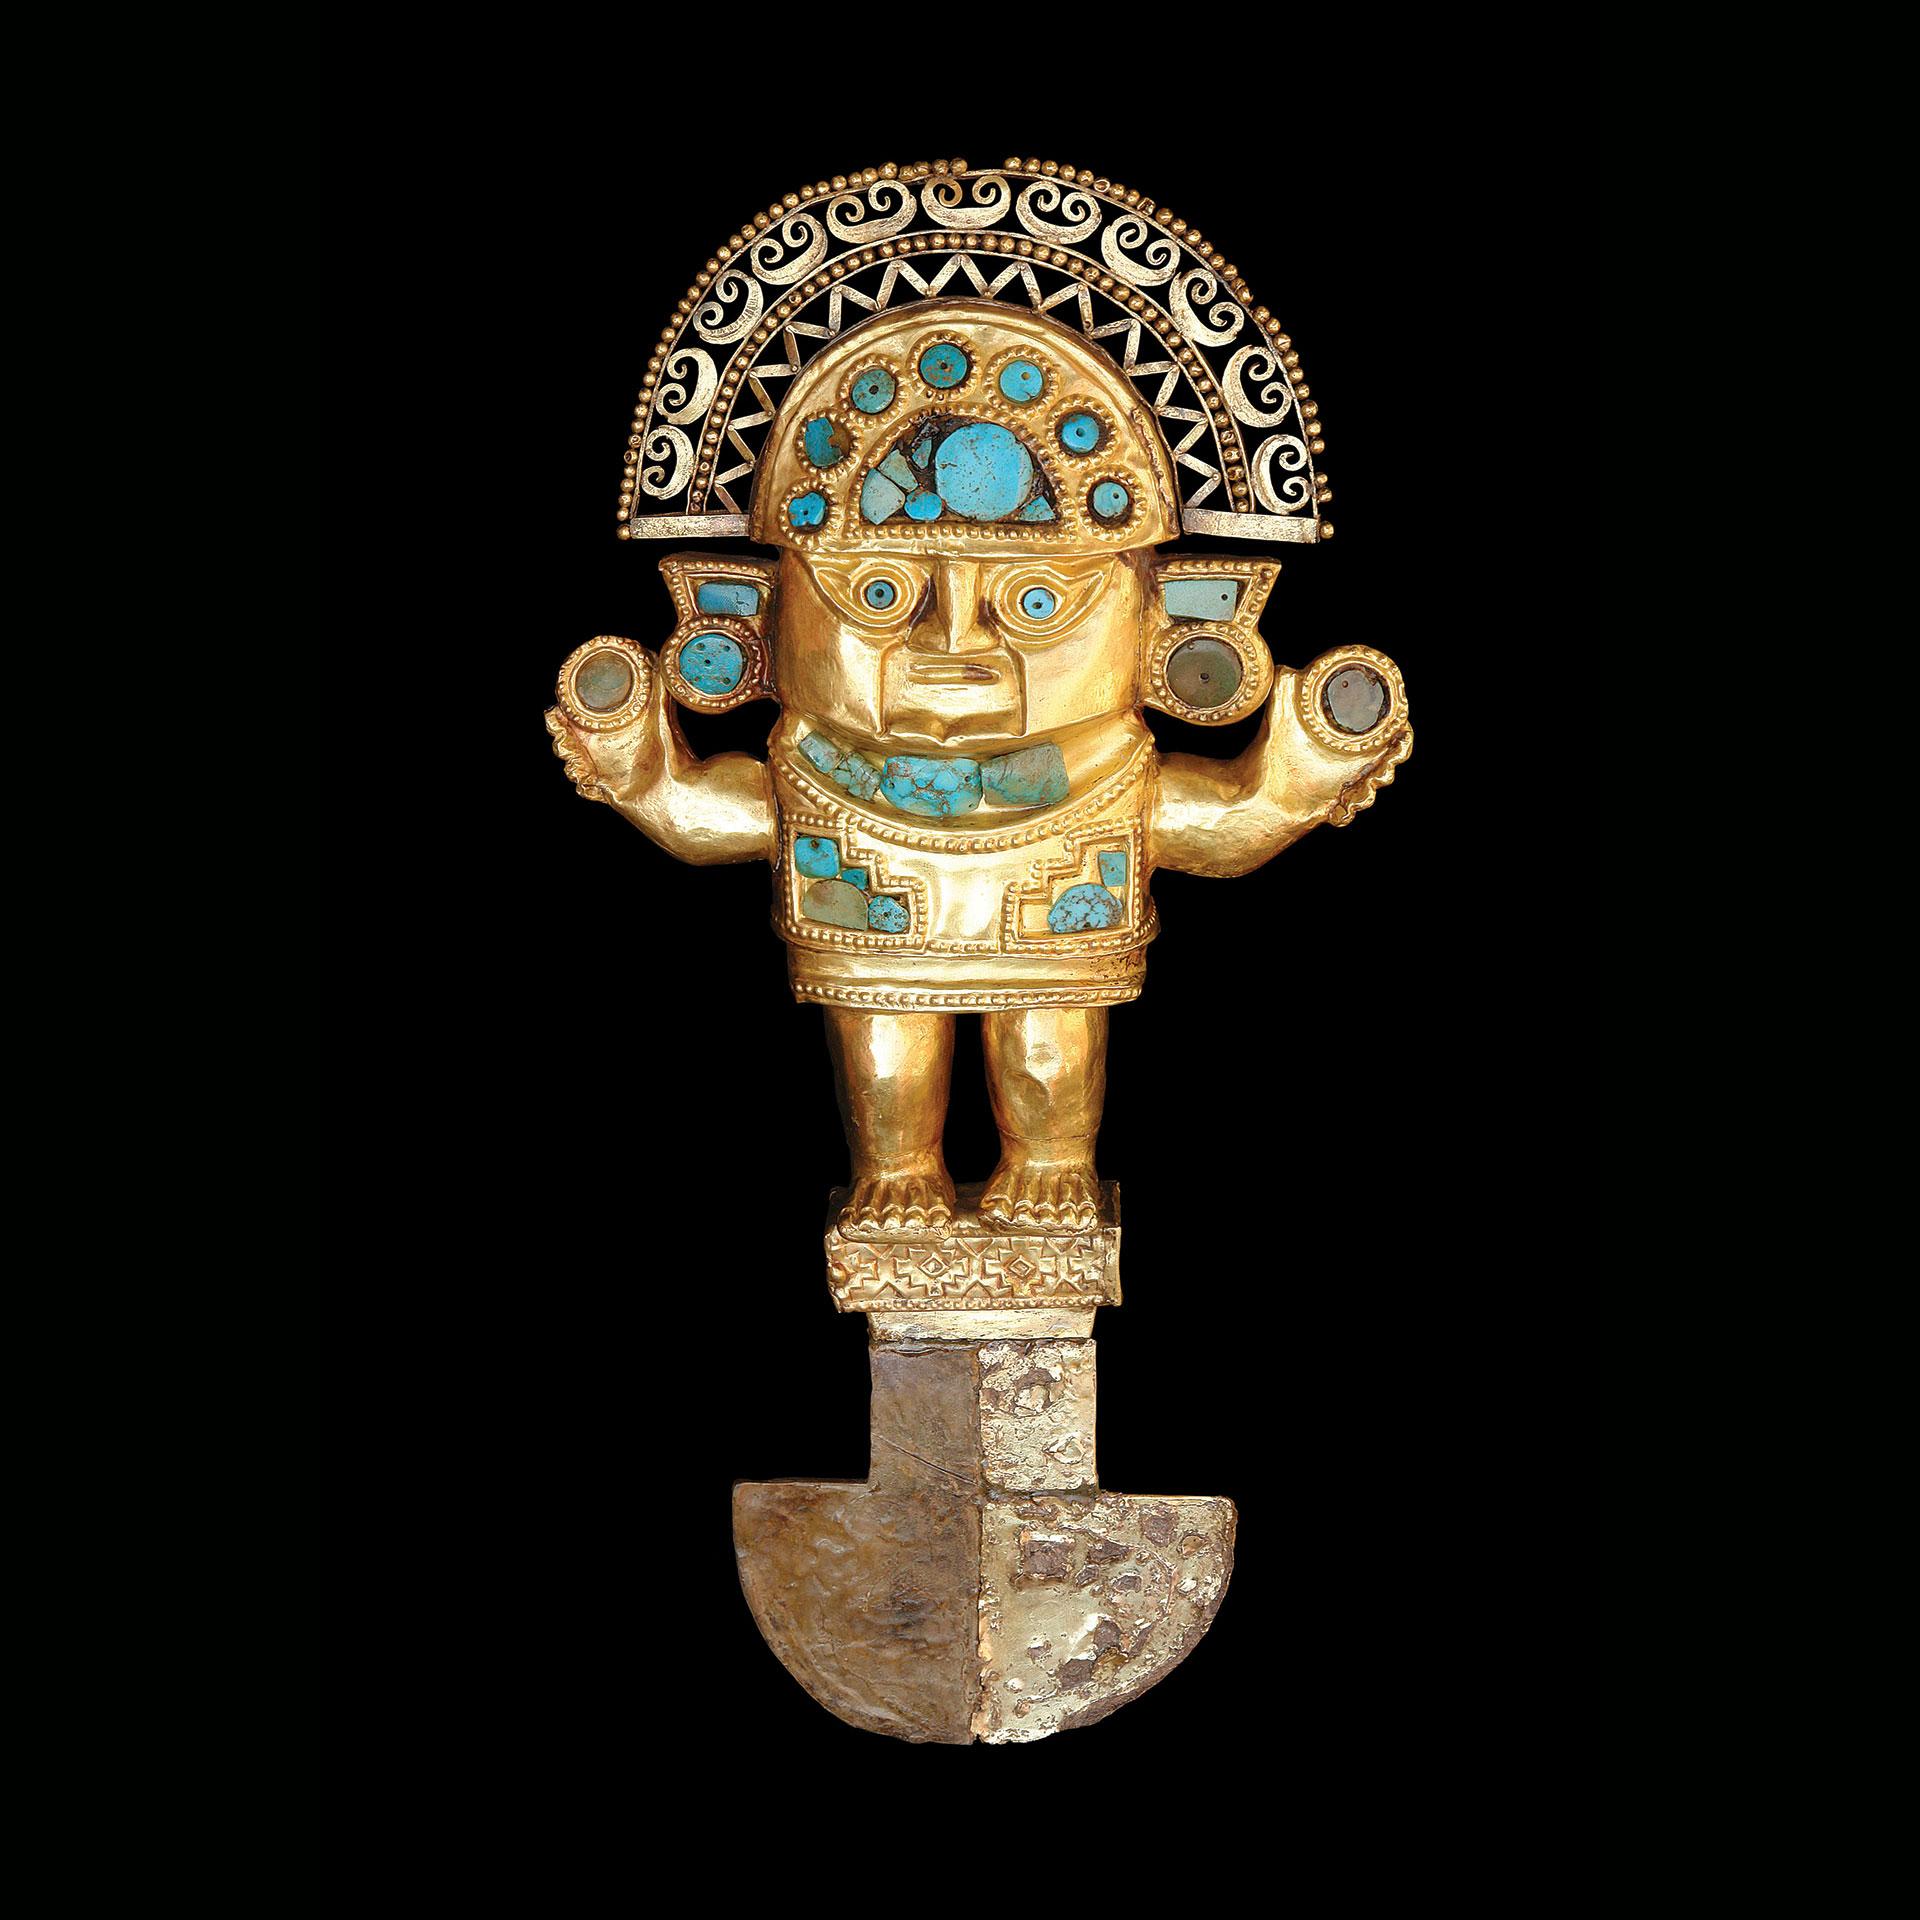 Cuchillo Tumi de oro con representación antropomorfa sobre pedestal y tocado en media luna. Cultura Lambayeque.